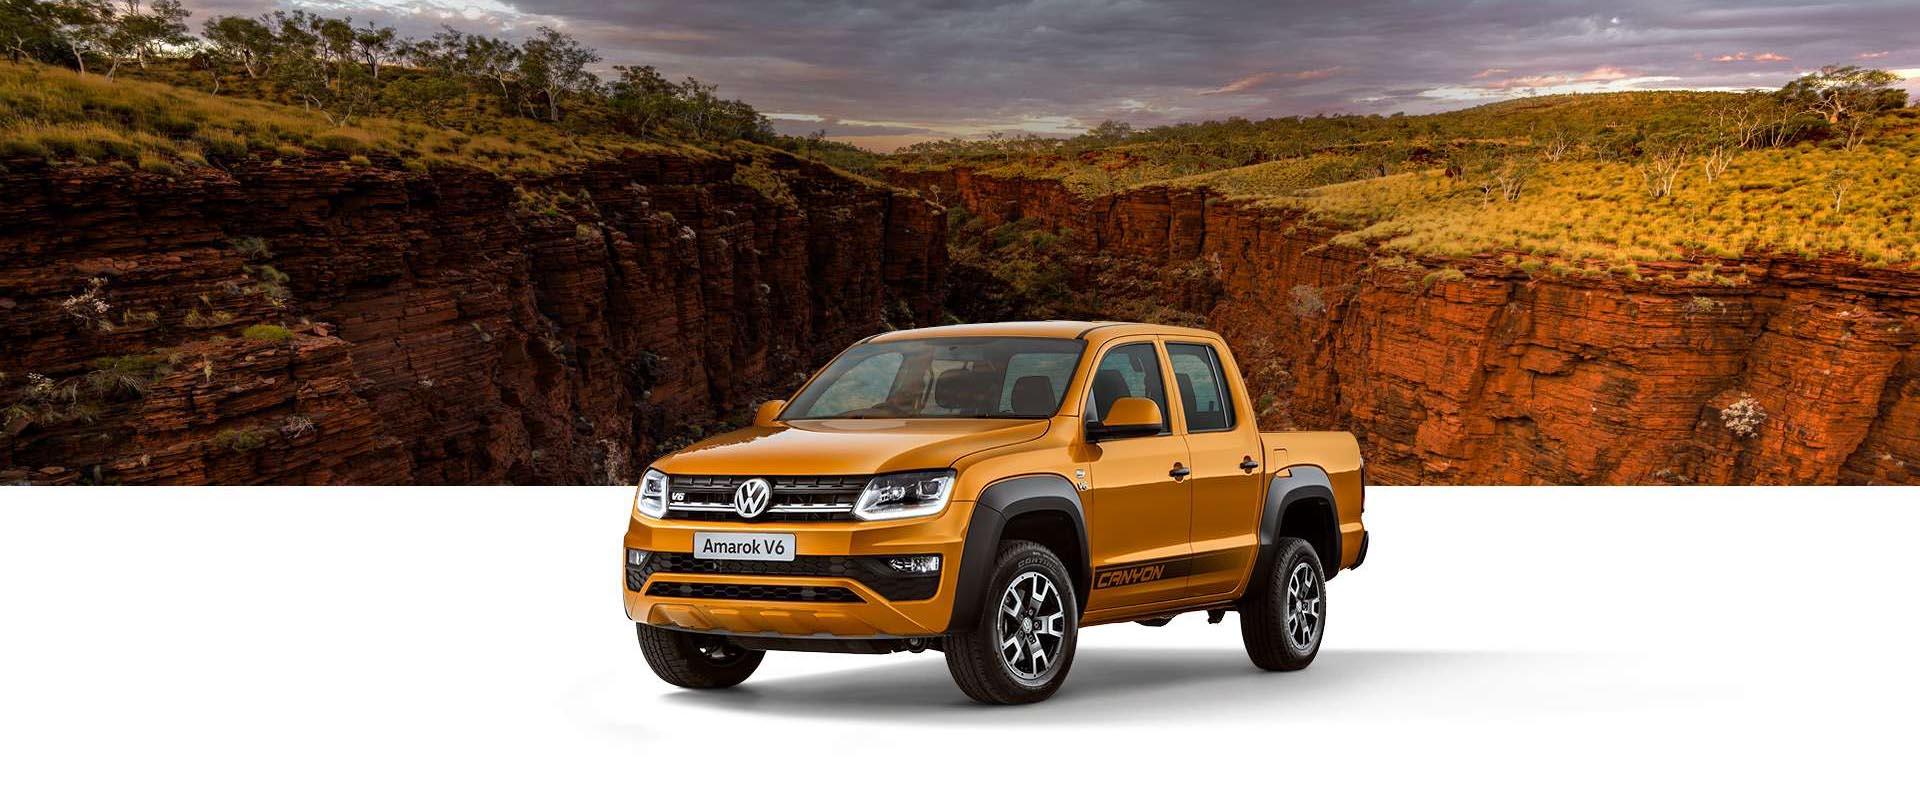 Volkswagen Amarok V6 Canyon